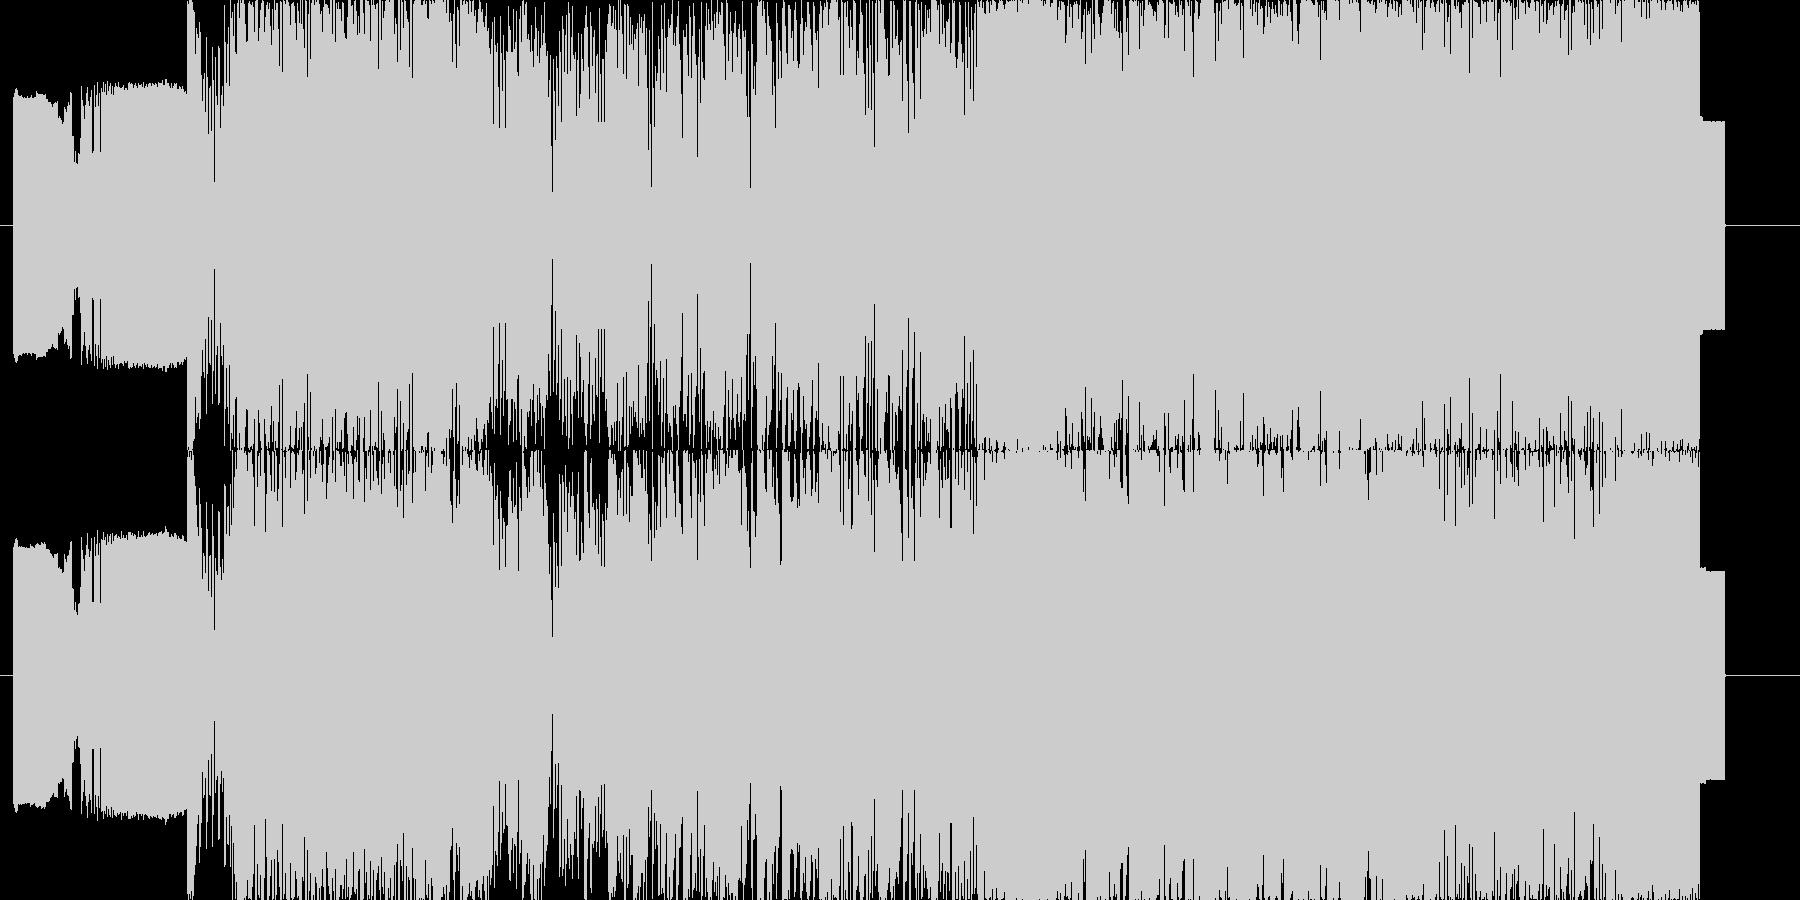 ファミコン風の音源を利用した楽曲の未再生の波形